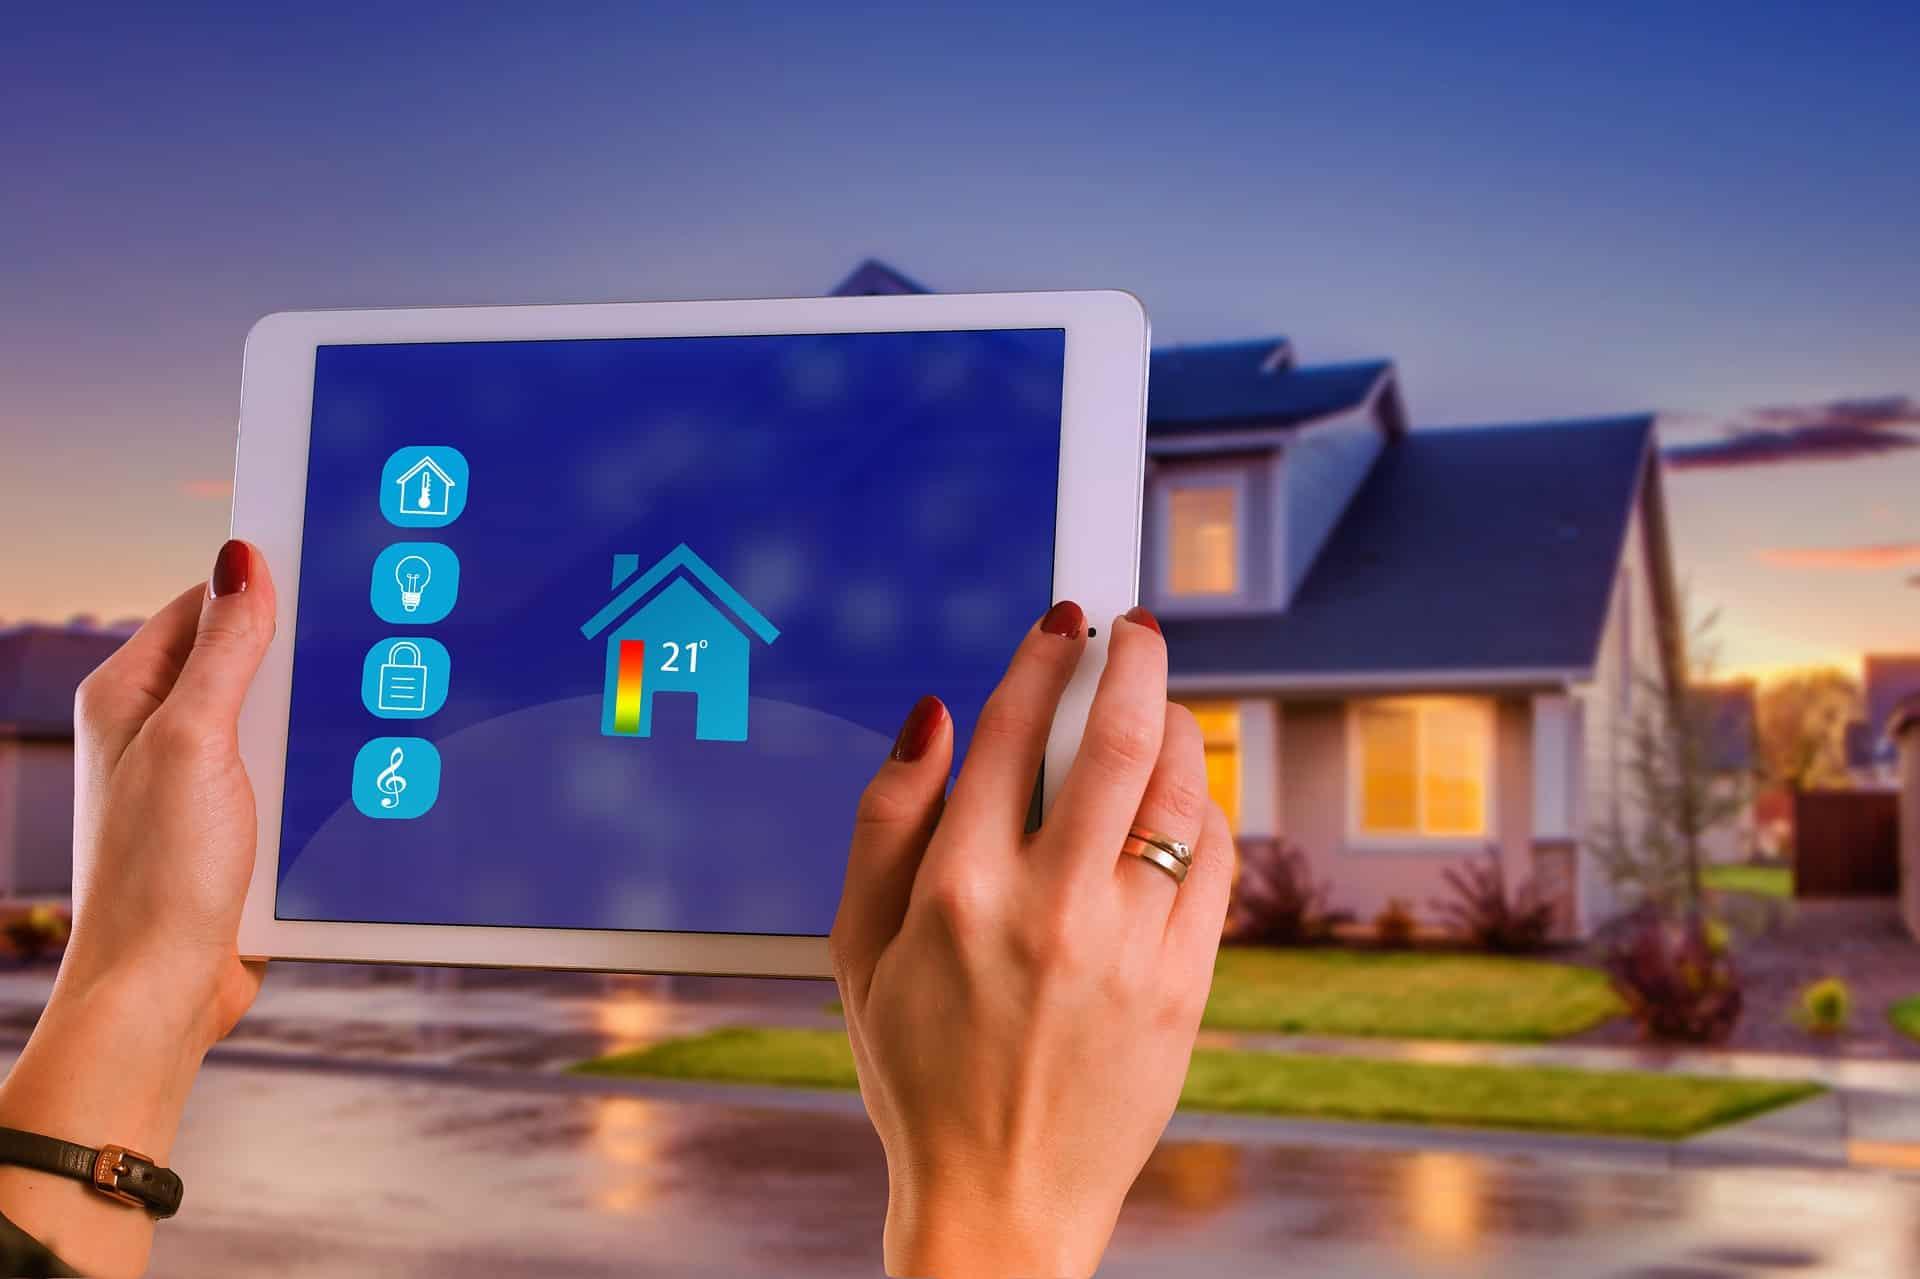 Smart Home Heizung: Test & Empfehlungen (10/20)